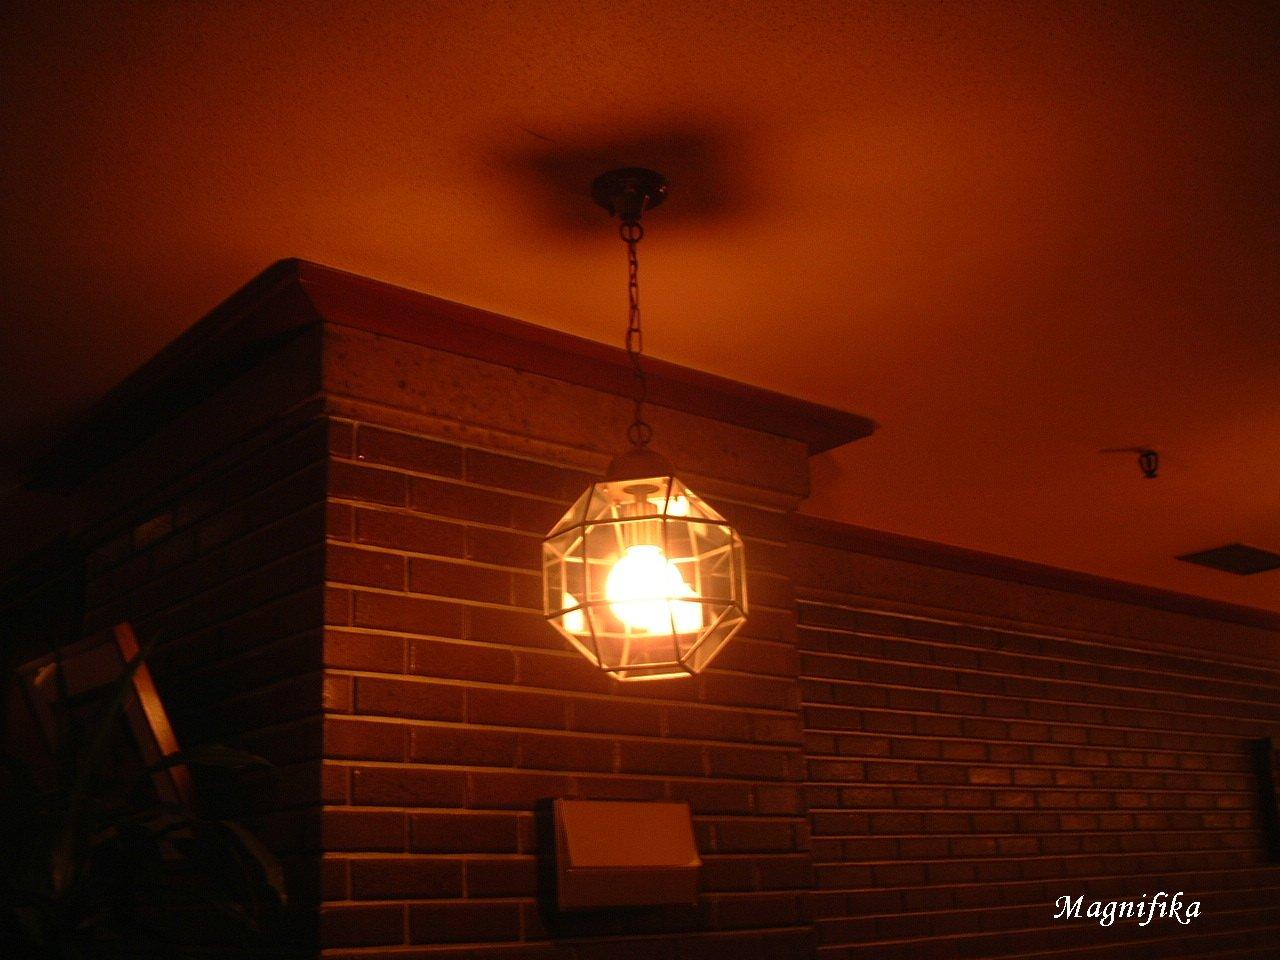 Frank Lloyd Wright の 名残り Frank Lloyd Wright_e0140365_0472576.jpg